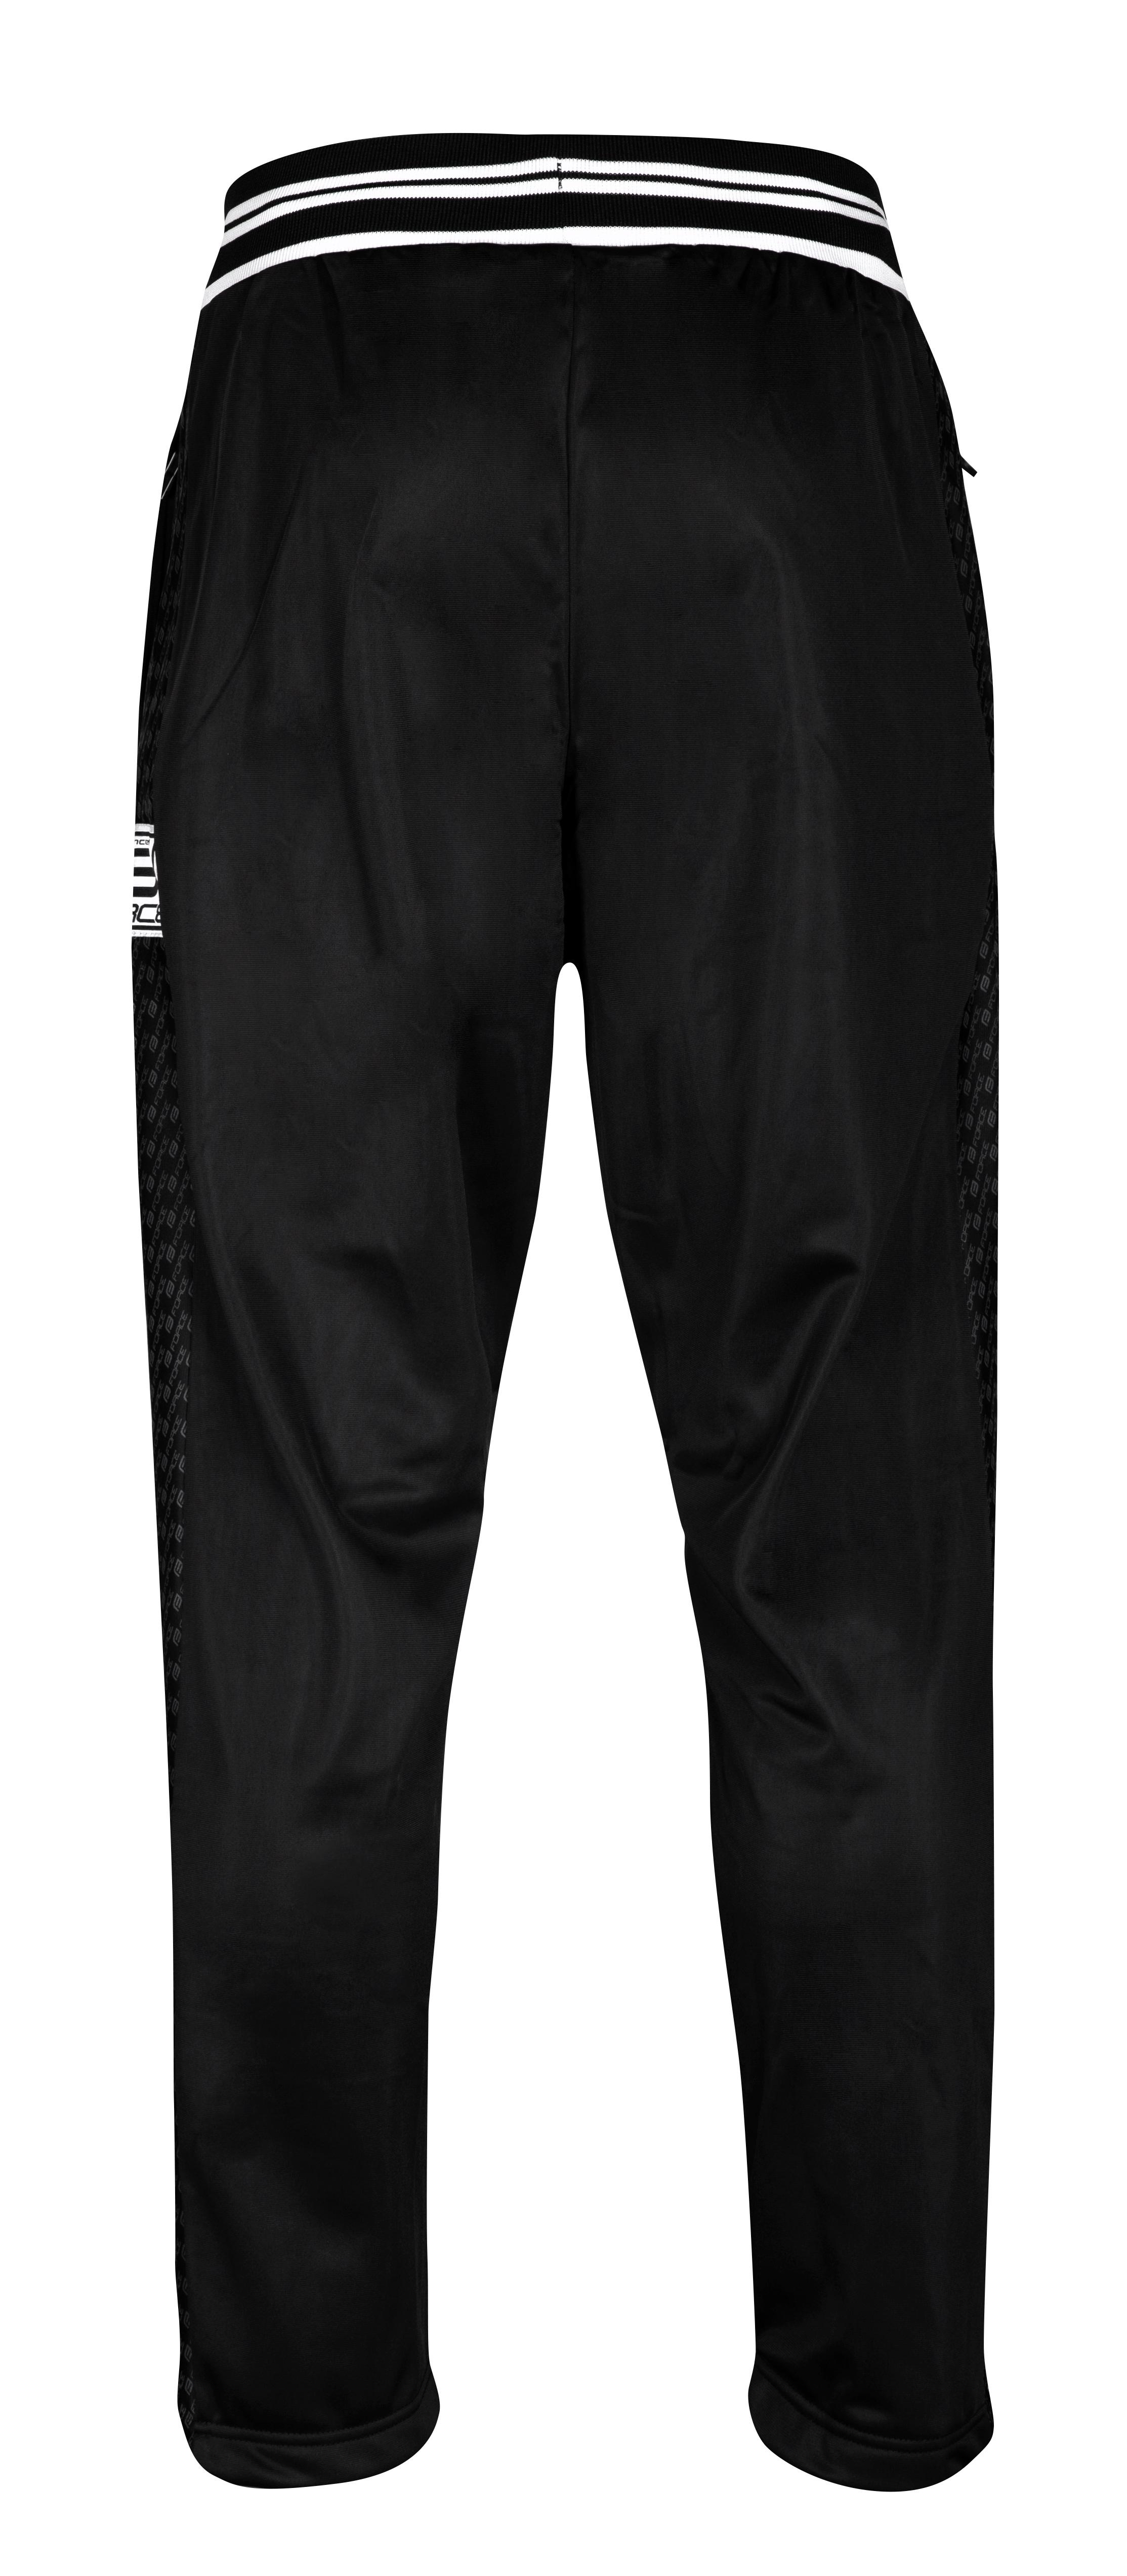 kalhoty/tepláky FORCE 1991, černé XL